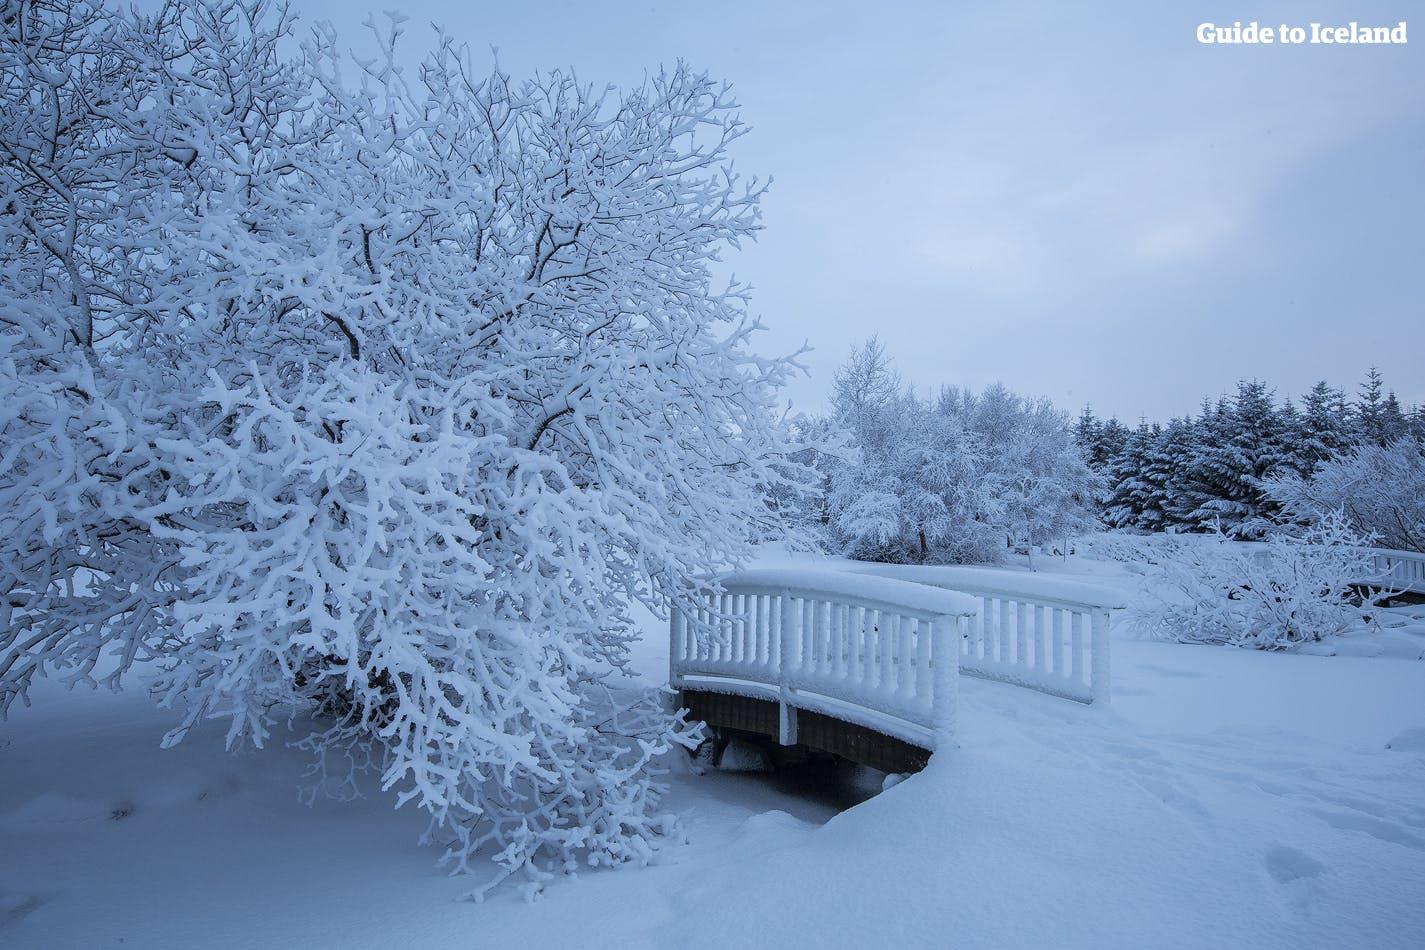 Wenn der Schnee die Stadt einhüllt, verwandelt sich Reykjavik in ein Winterwunderland.